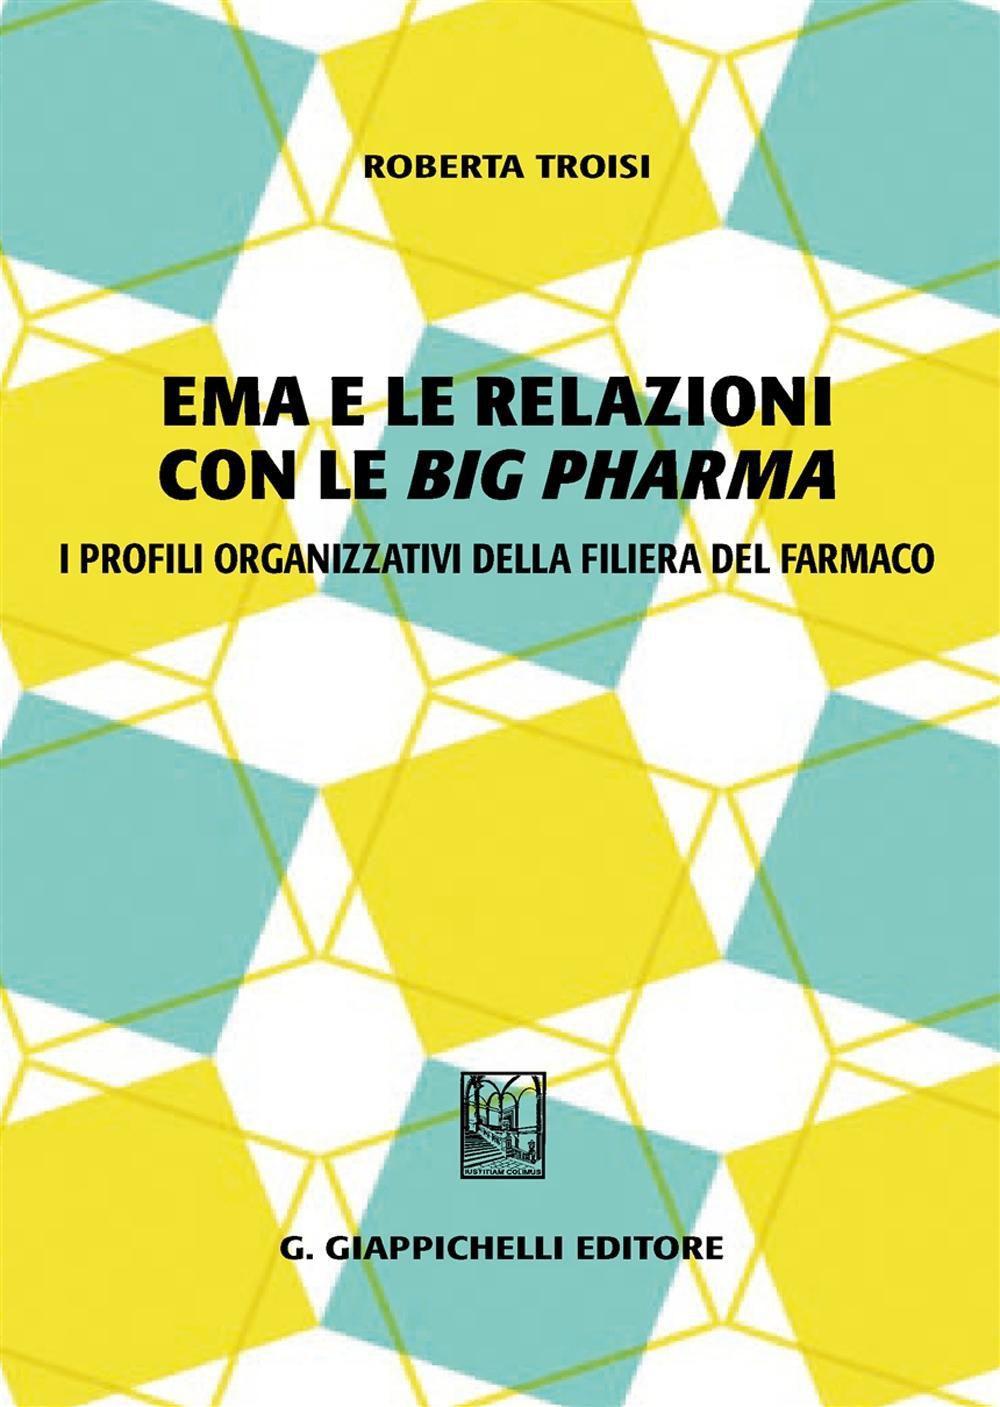 EMA e le relazioni con le big pharma: i profili organizzativi della filiera del farmaco. Roberta Troisi